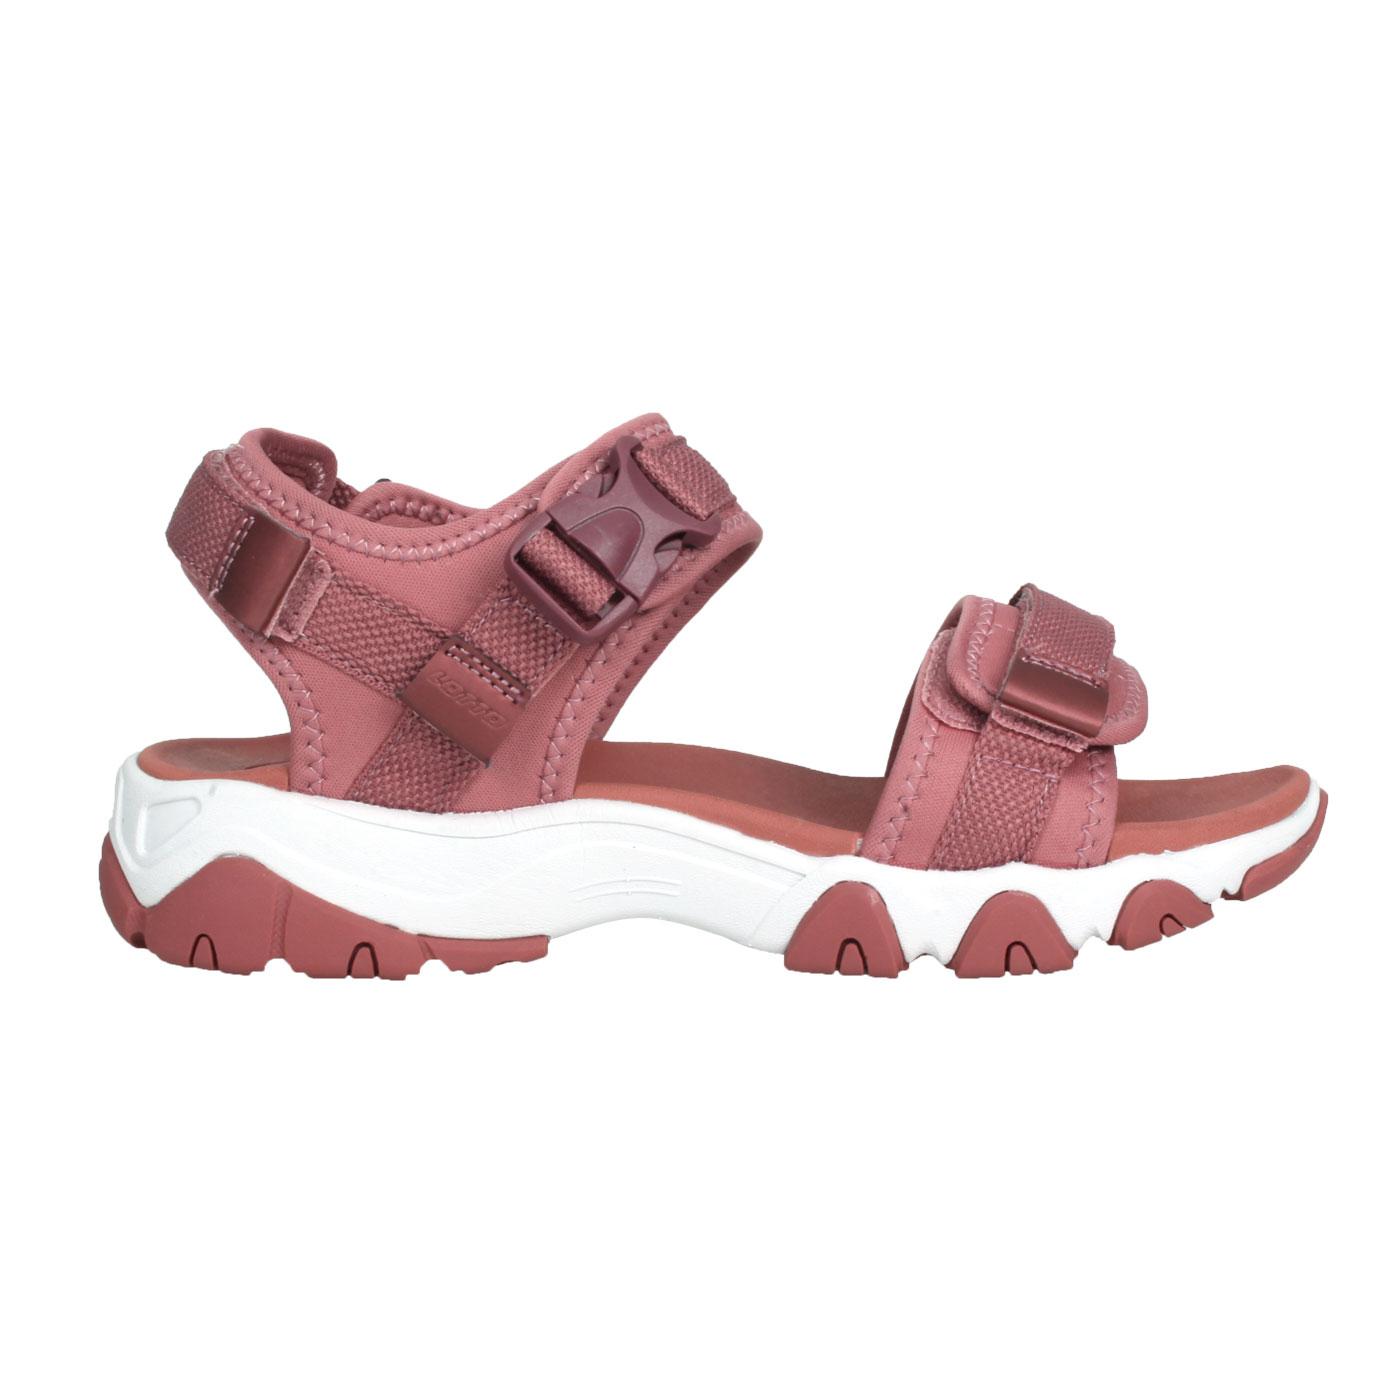 LOTTO 美型厚底一字涼鞋 LT1AWS3302